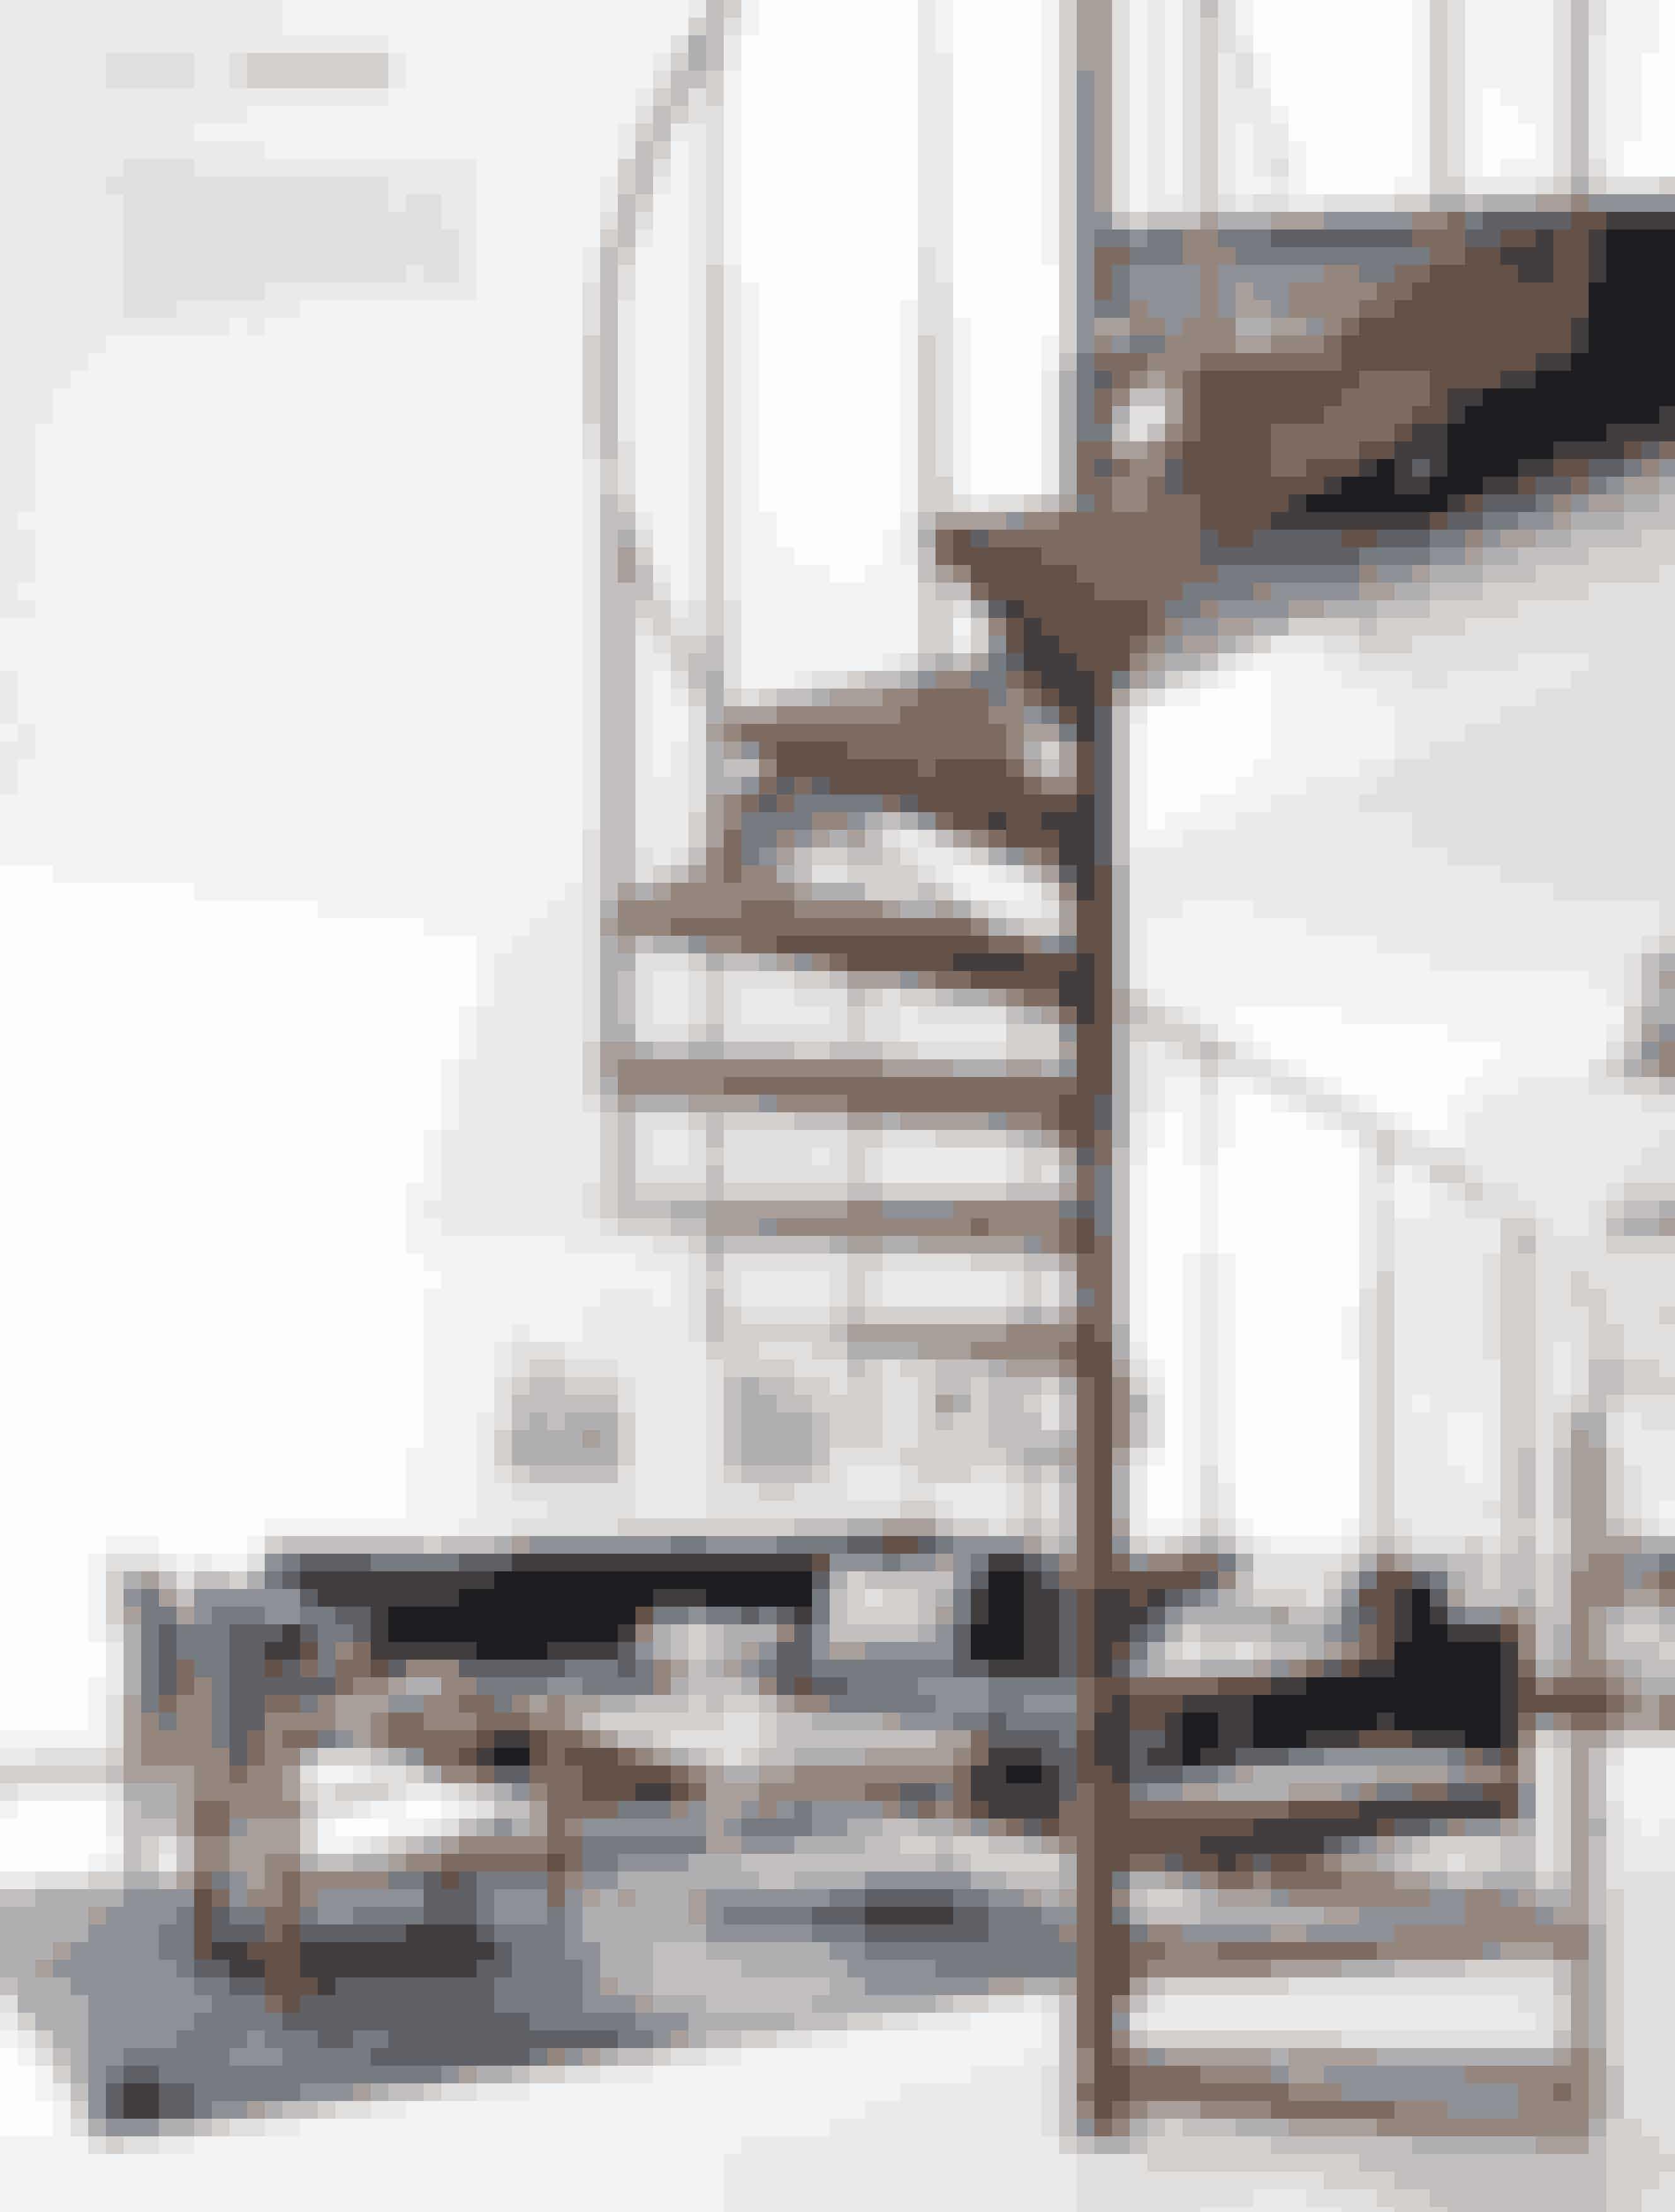 Eksklusive designikoner, international stemning og interessante kunstværker danner ramme om Maria Schulz' og Morten Kjærs luksuslejlighed på toppen af Frederiksberg. Der er sans for detaljer og fokus på kvalitet, når de indretter.